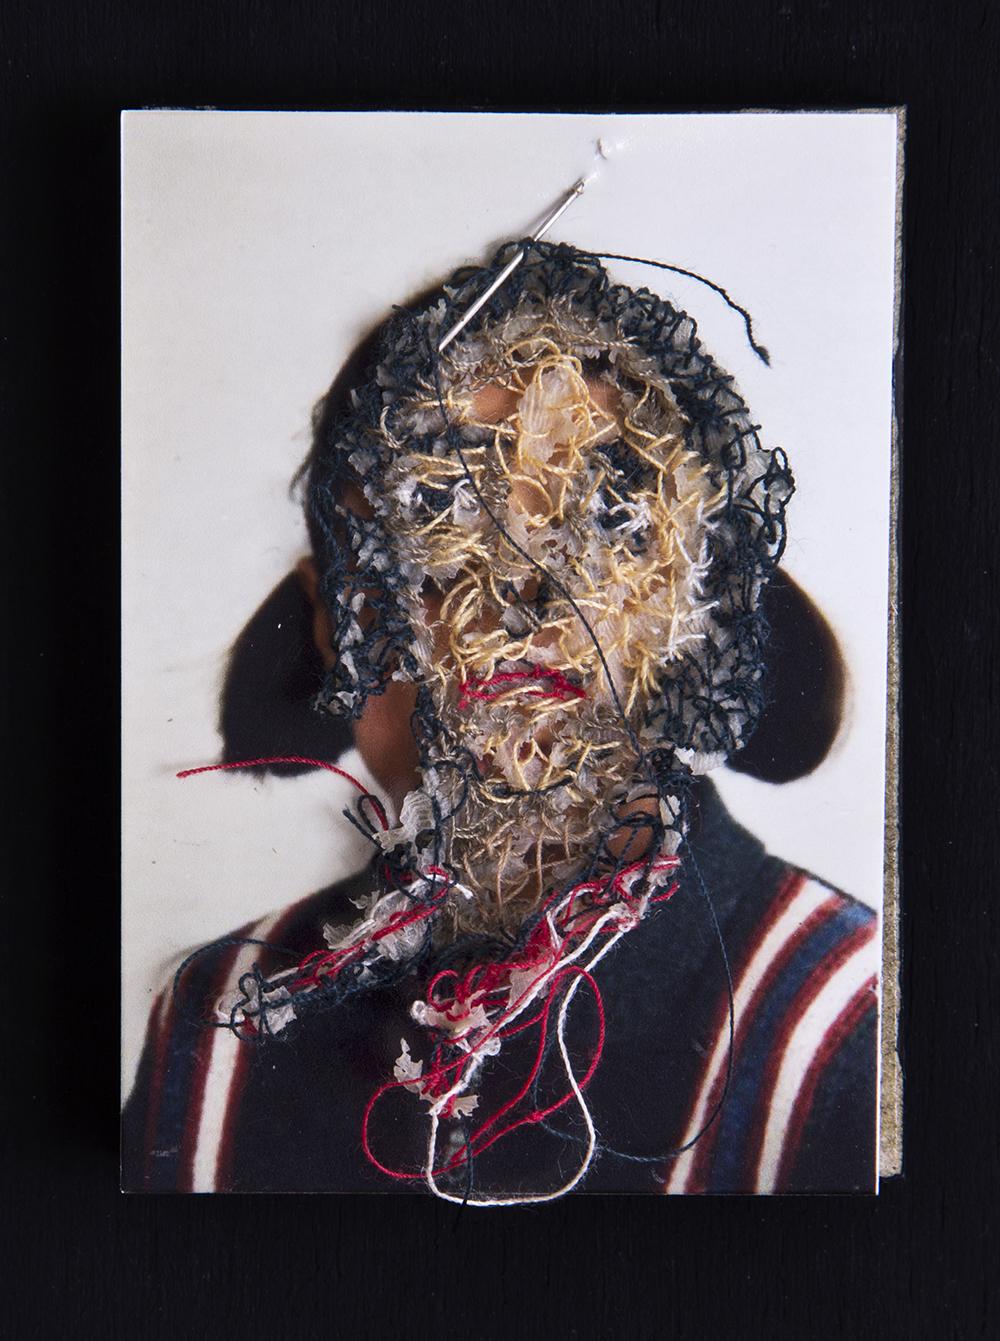 Mi prima Anita A flor de piel, 04. 10x15 cm. Fotografía, hilo y piel. 2012